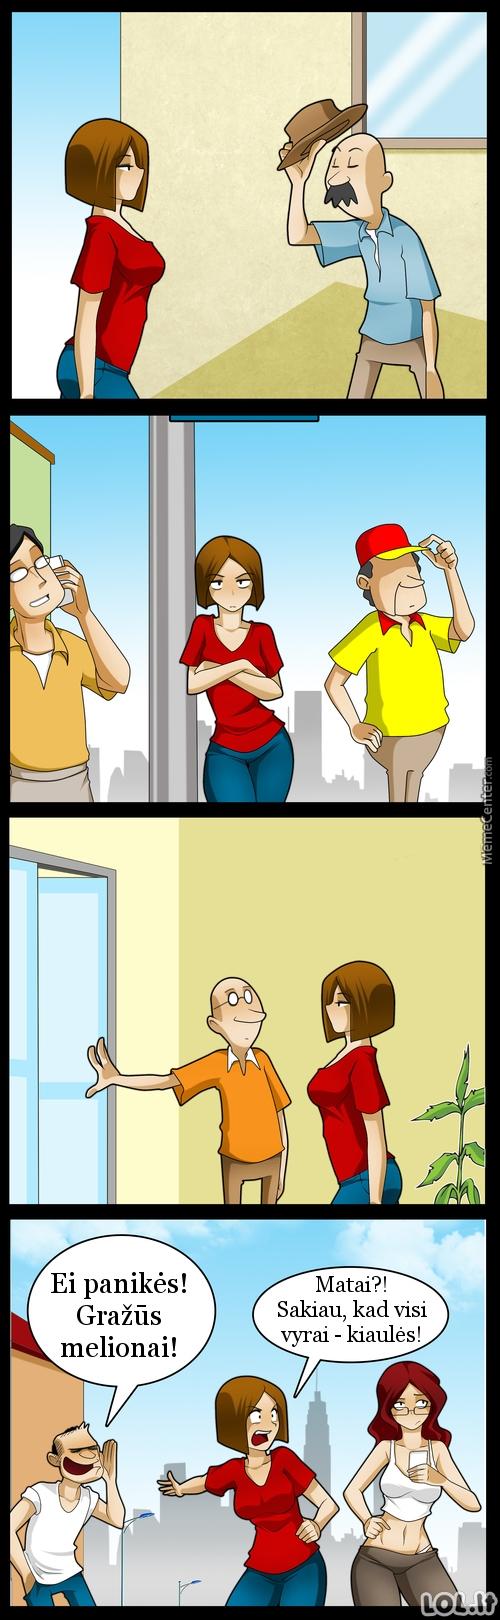 Koks yra moterų požiūris į vyrus?